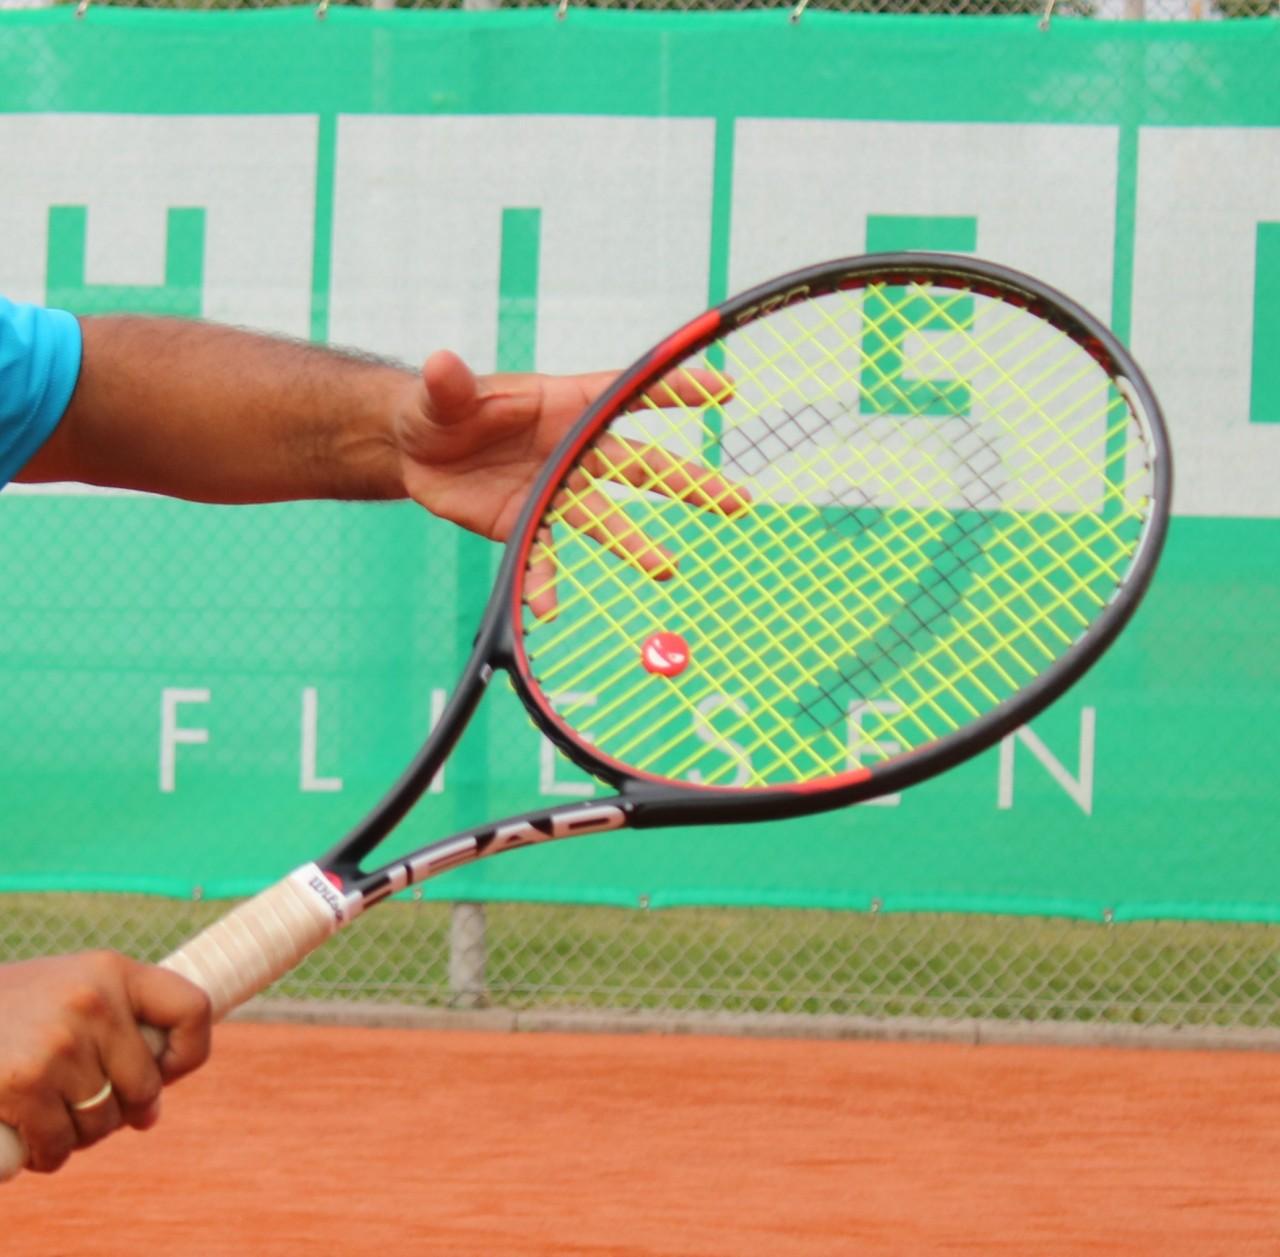 Tennisabteilung wählt neu